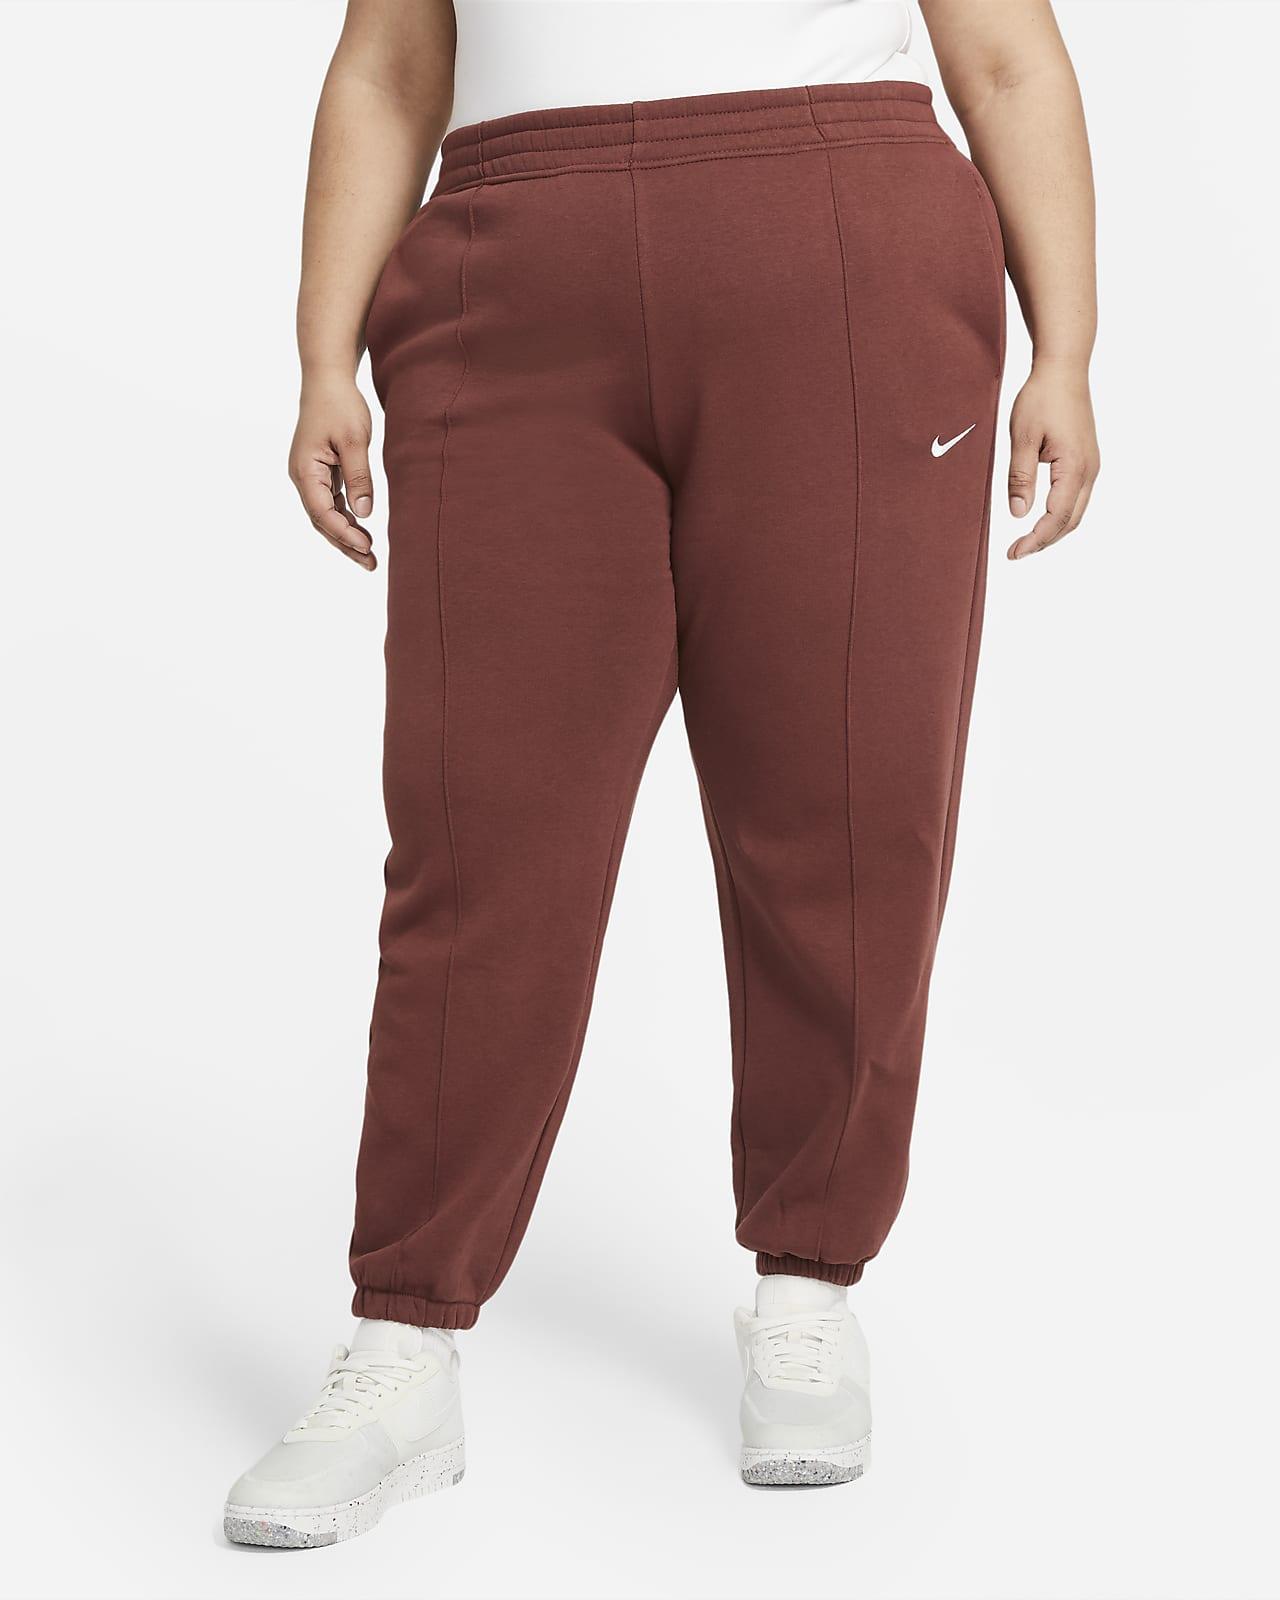 Pantalones de tejido Fleece para mujer talla grande Nike Sportswear Trend